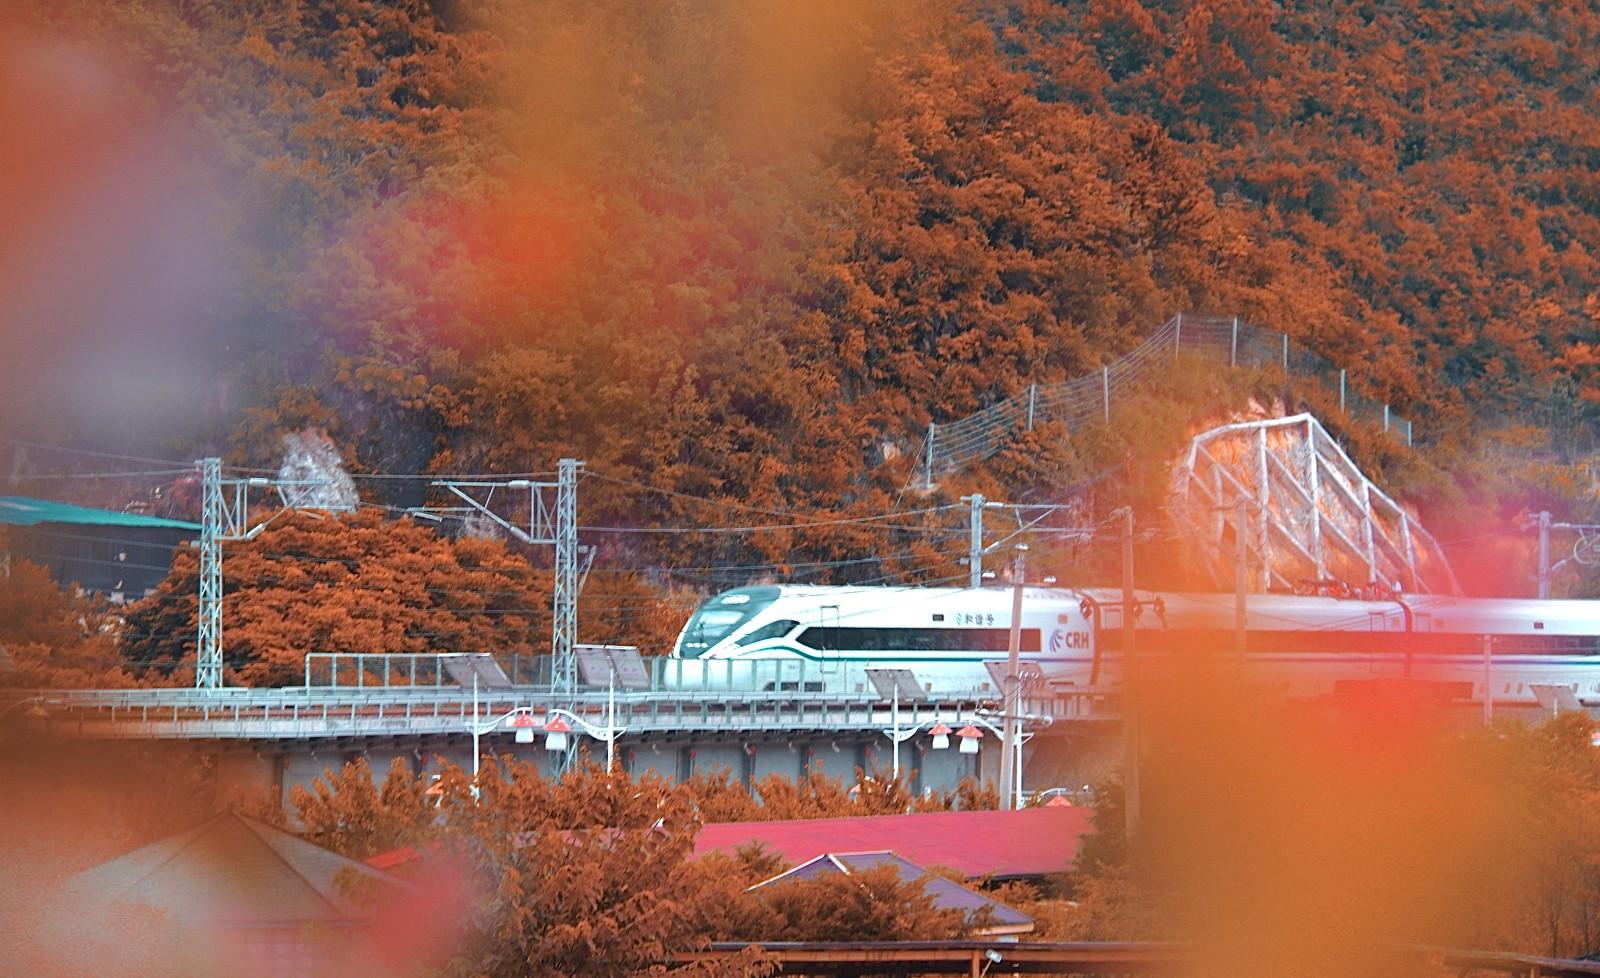 贵州-良马晓船 《驶向金秋》 Canon.jpg